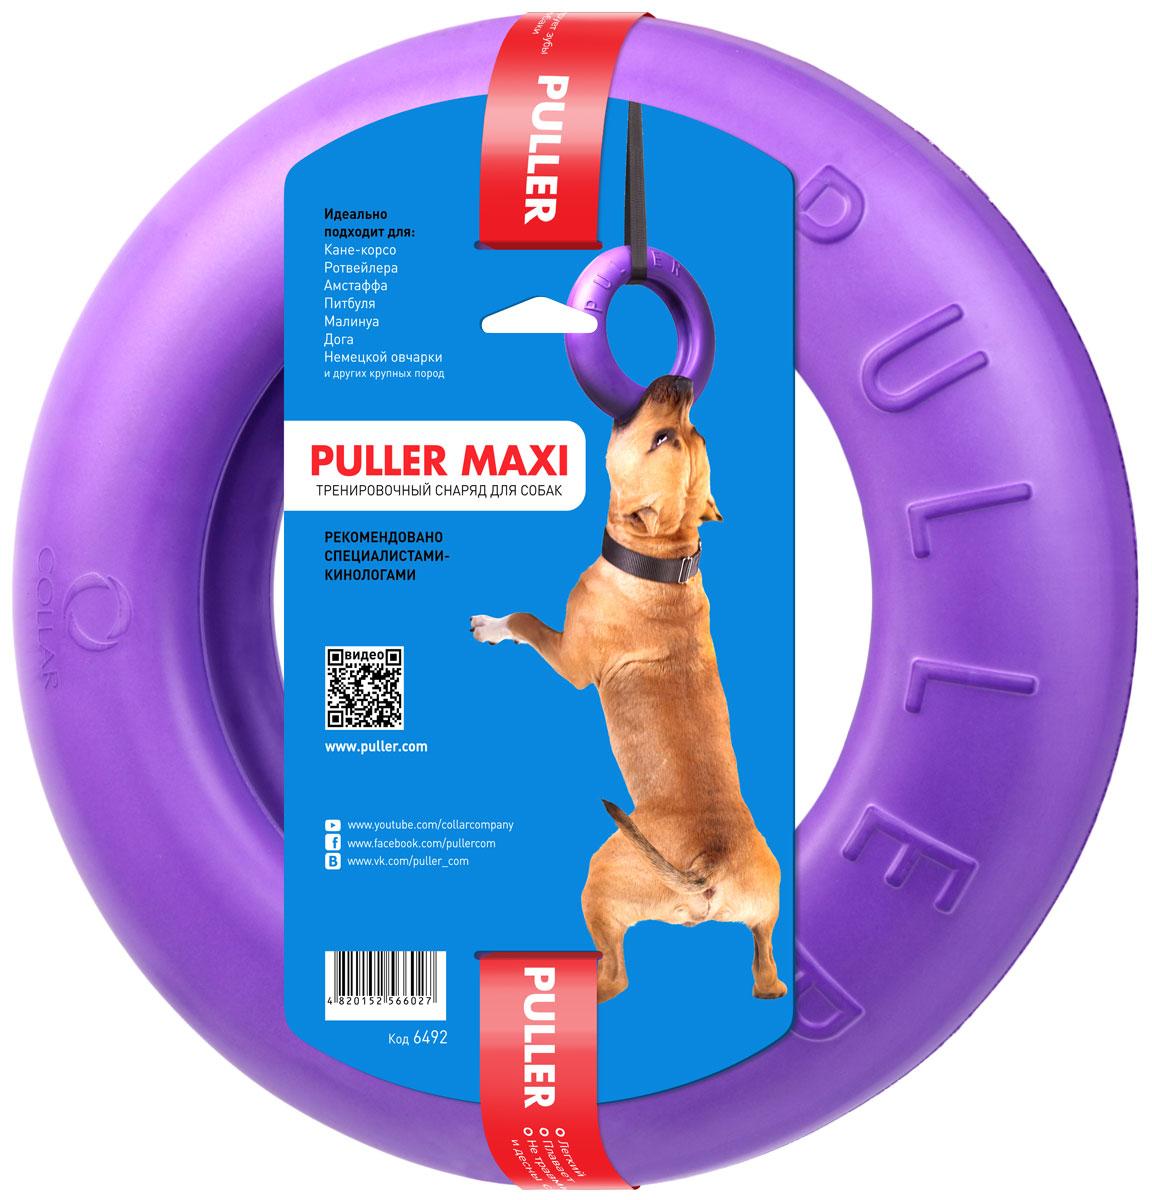 Фото - Тренировочный снаряд Puller Мaxi, цвет: фиолетовый игрушка collar puller maxi тренировочный снаряд диаметр 30см для собак средних и крупных пород 6492